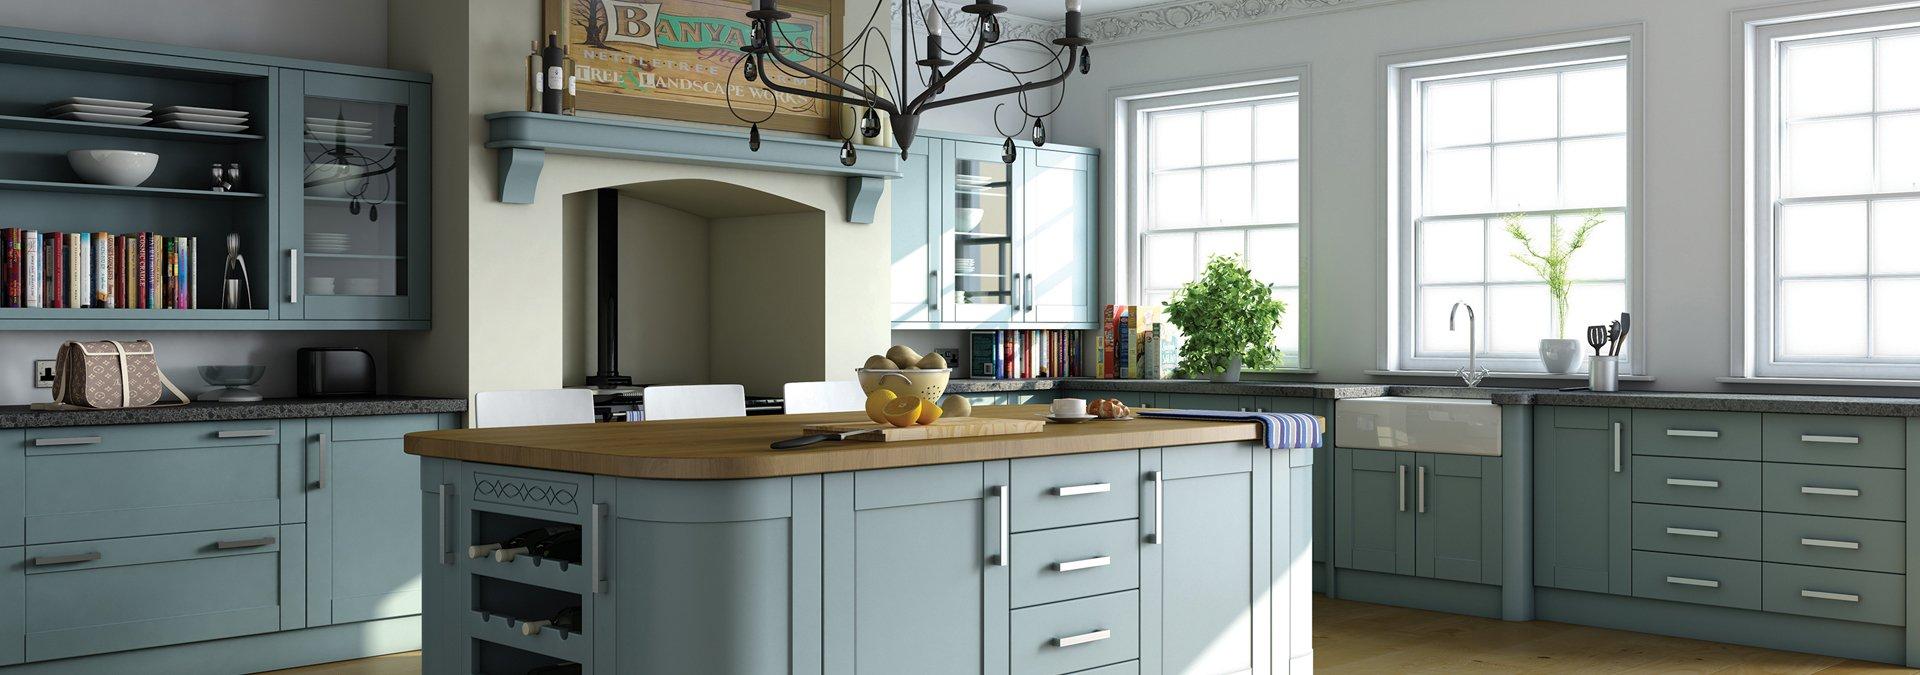 homepage - kitchen design hertfordshire